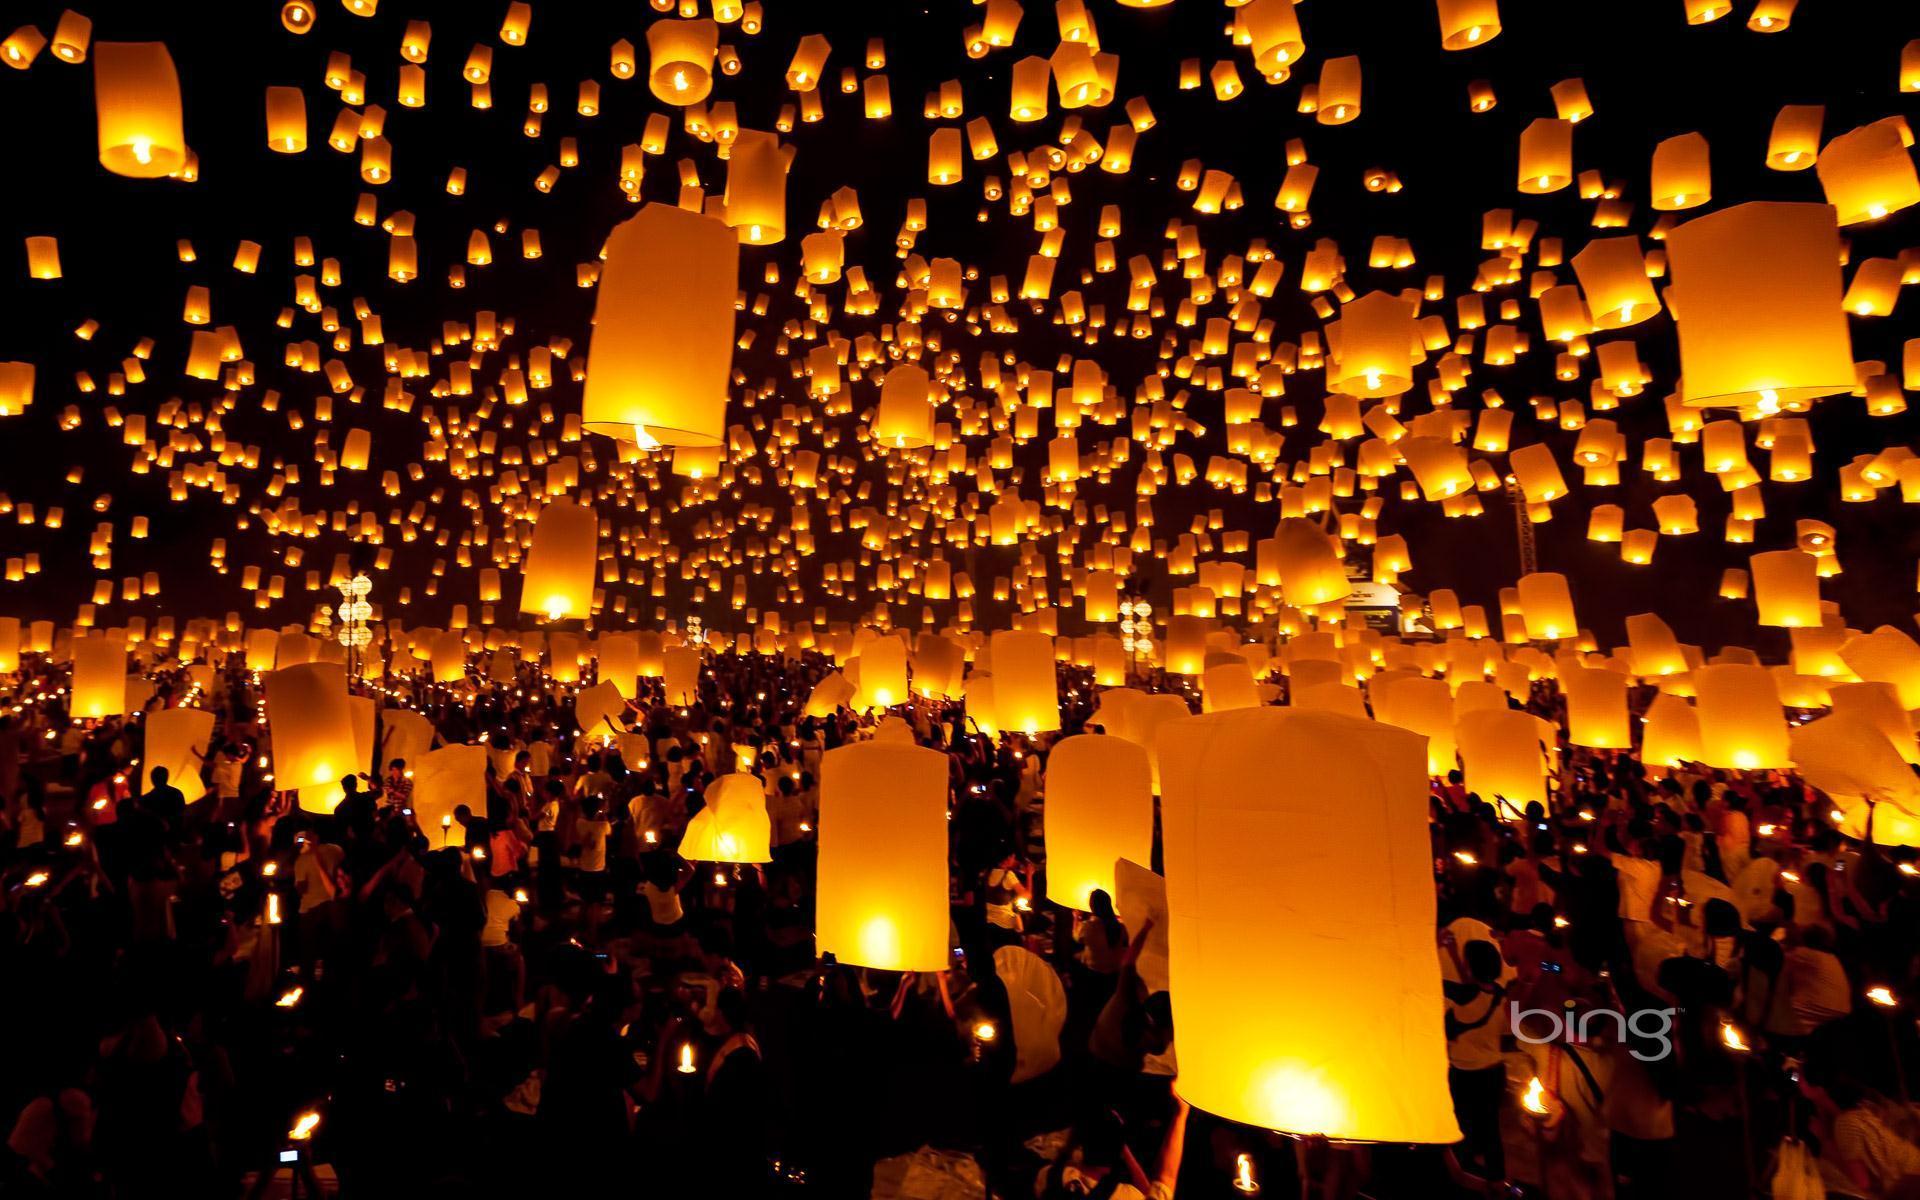 Japanese Lantern Wallpapers Top Free Japanese Lantern